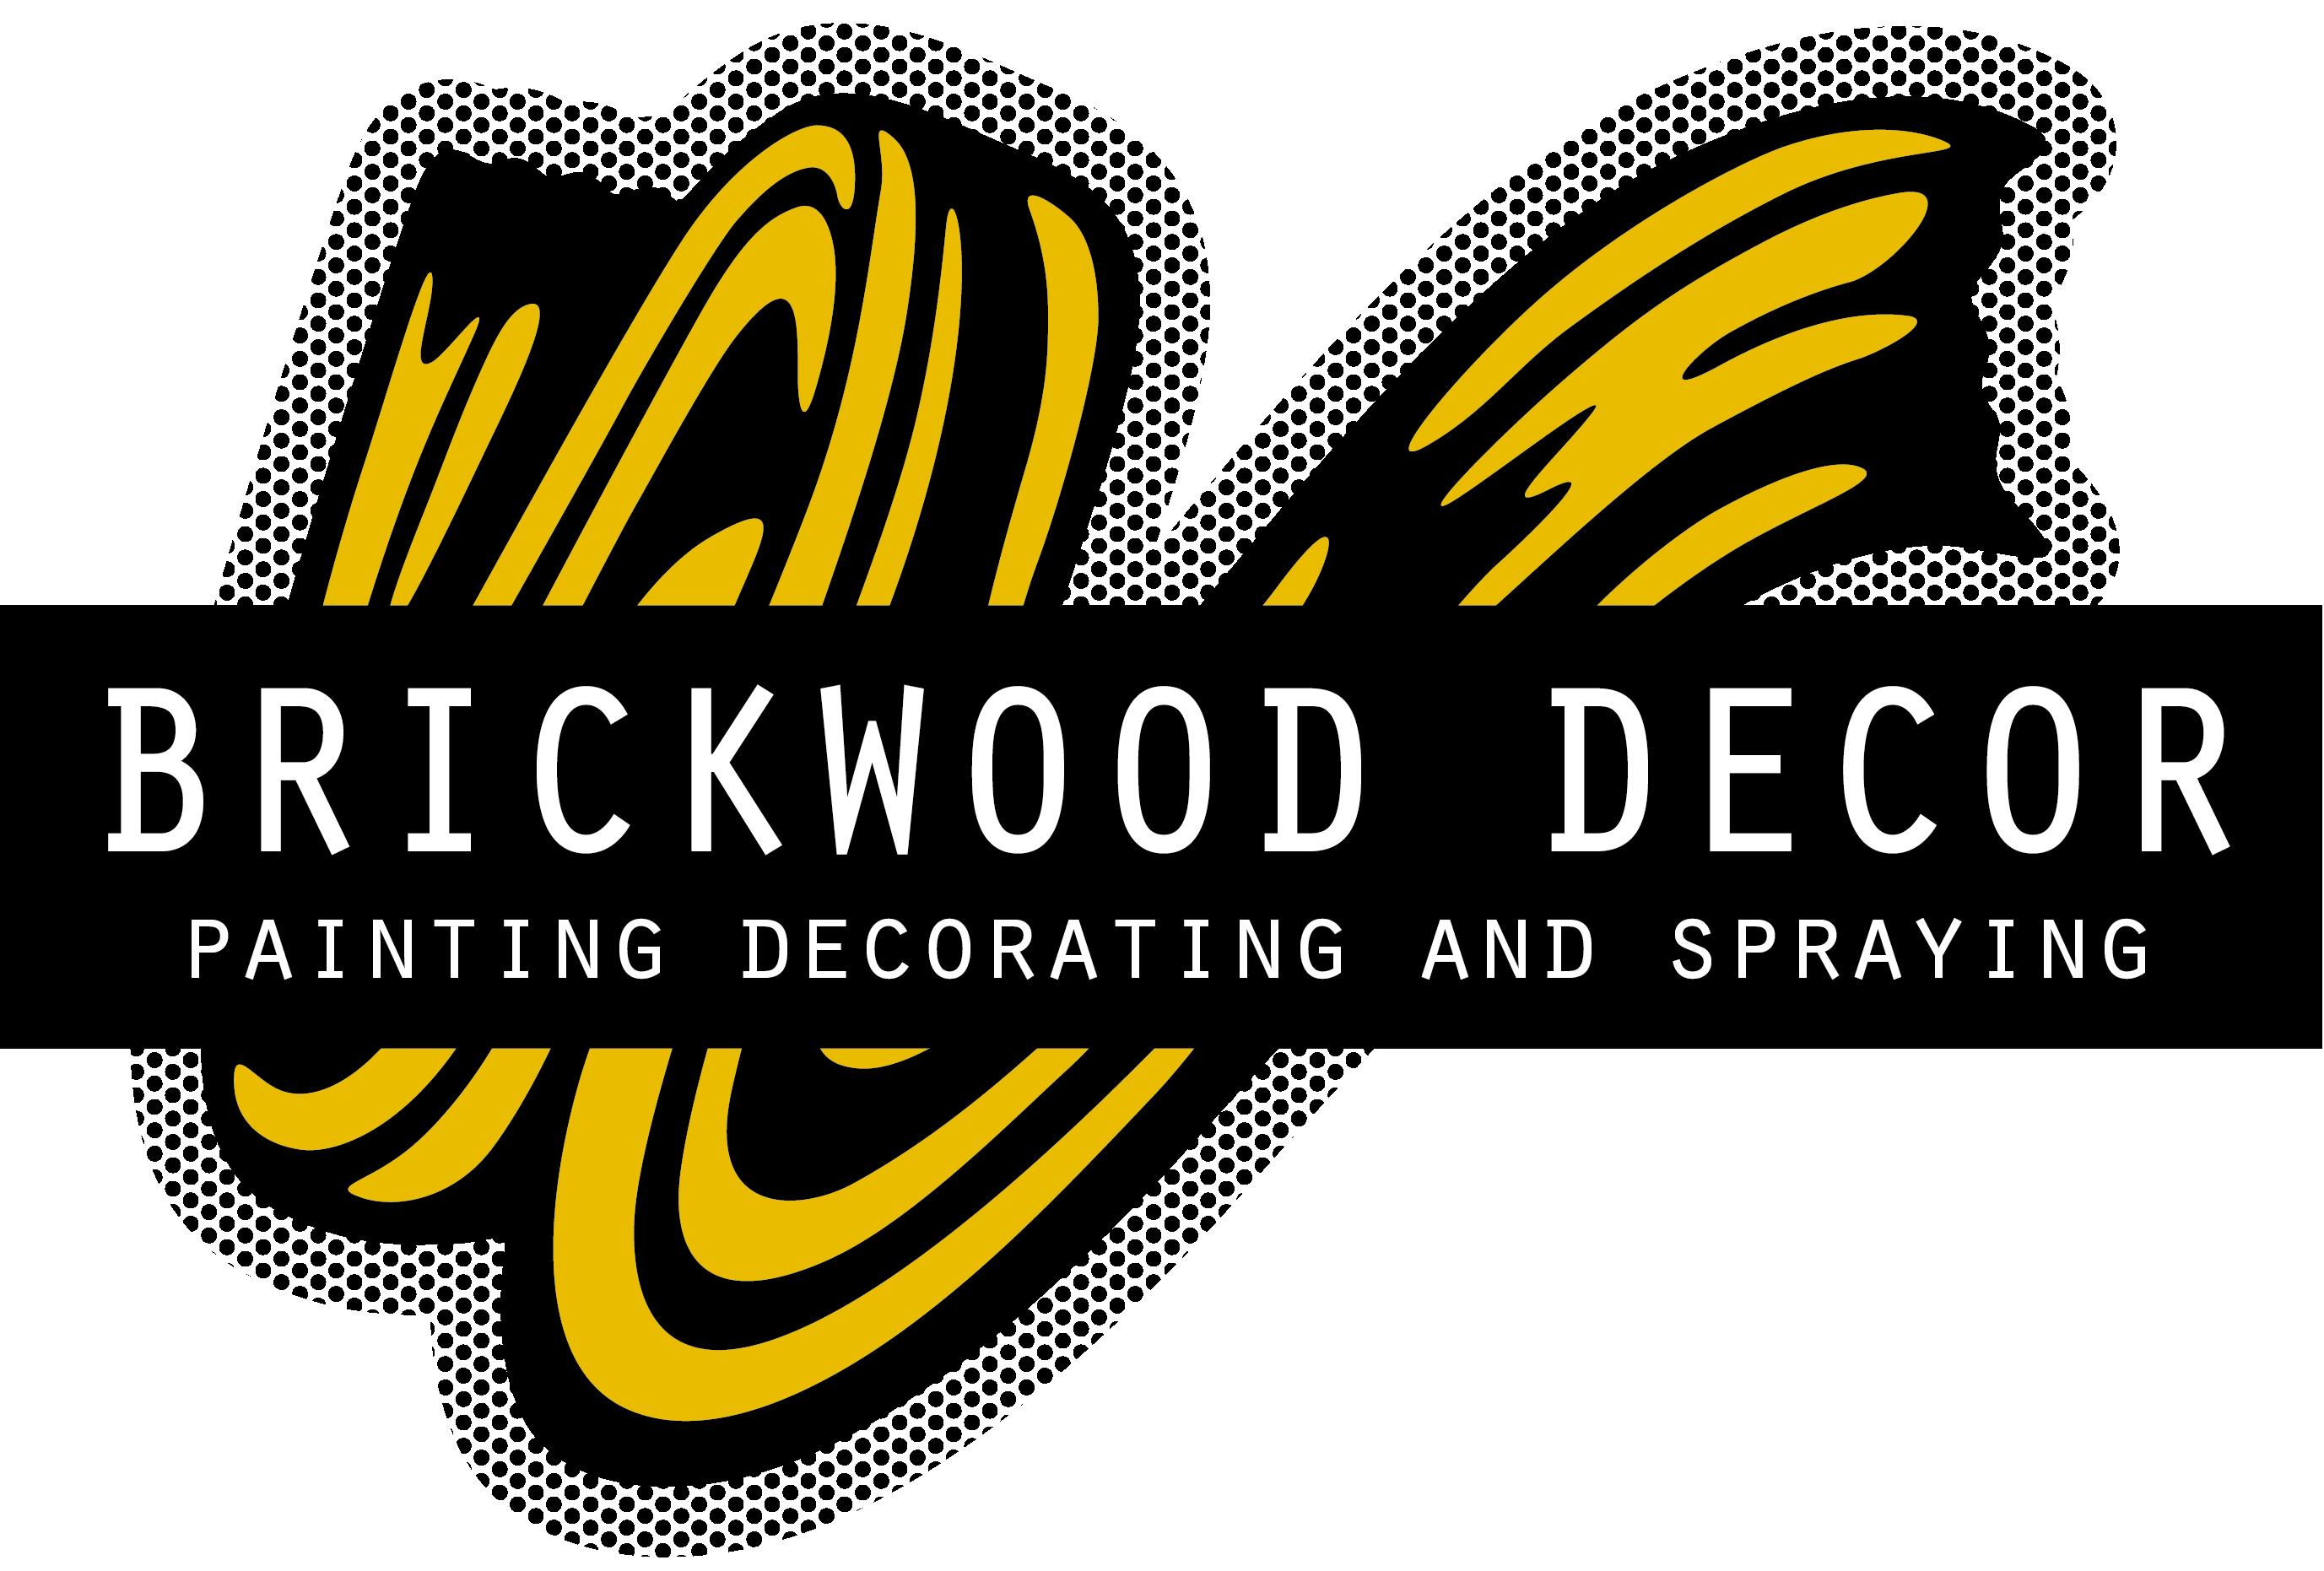 Brickwooddecor Logo LOGO New